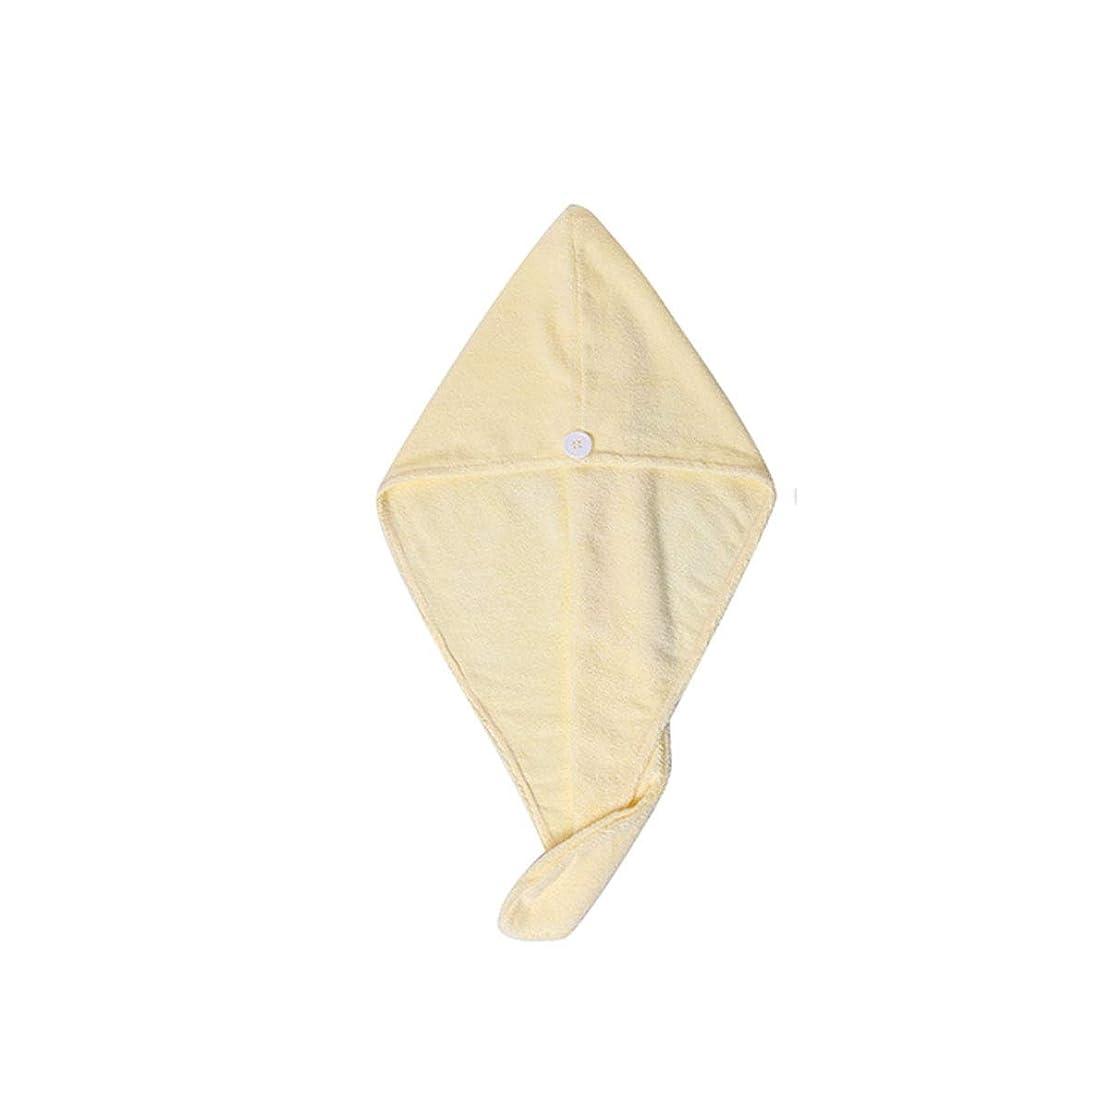 オーナータクシーコロニーXIONGHAIZI シャワーキャップ、乾いた髪のキャップ、女性用軟吸収剤および速乾性シャワーキャップ、タオル1枚、フード付きシャワーキャップ、ピンク、黄色、紫 (Color : Yellow)